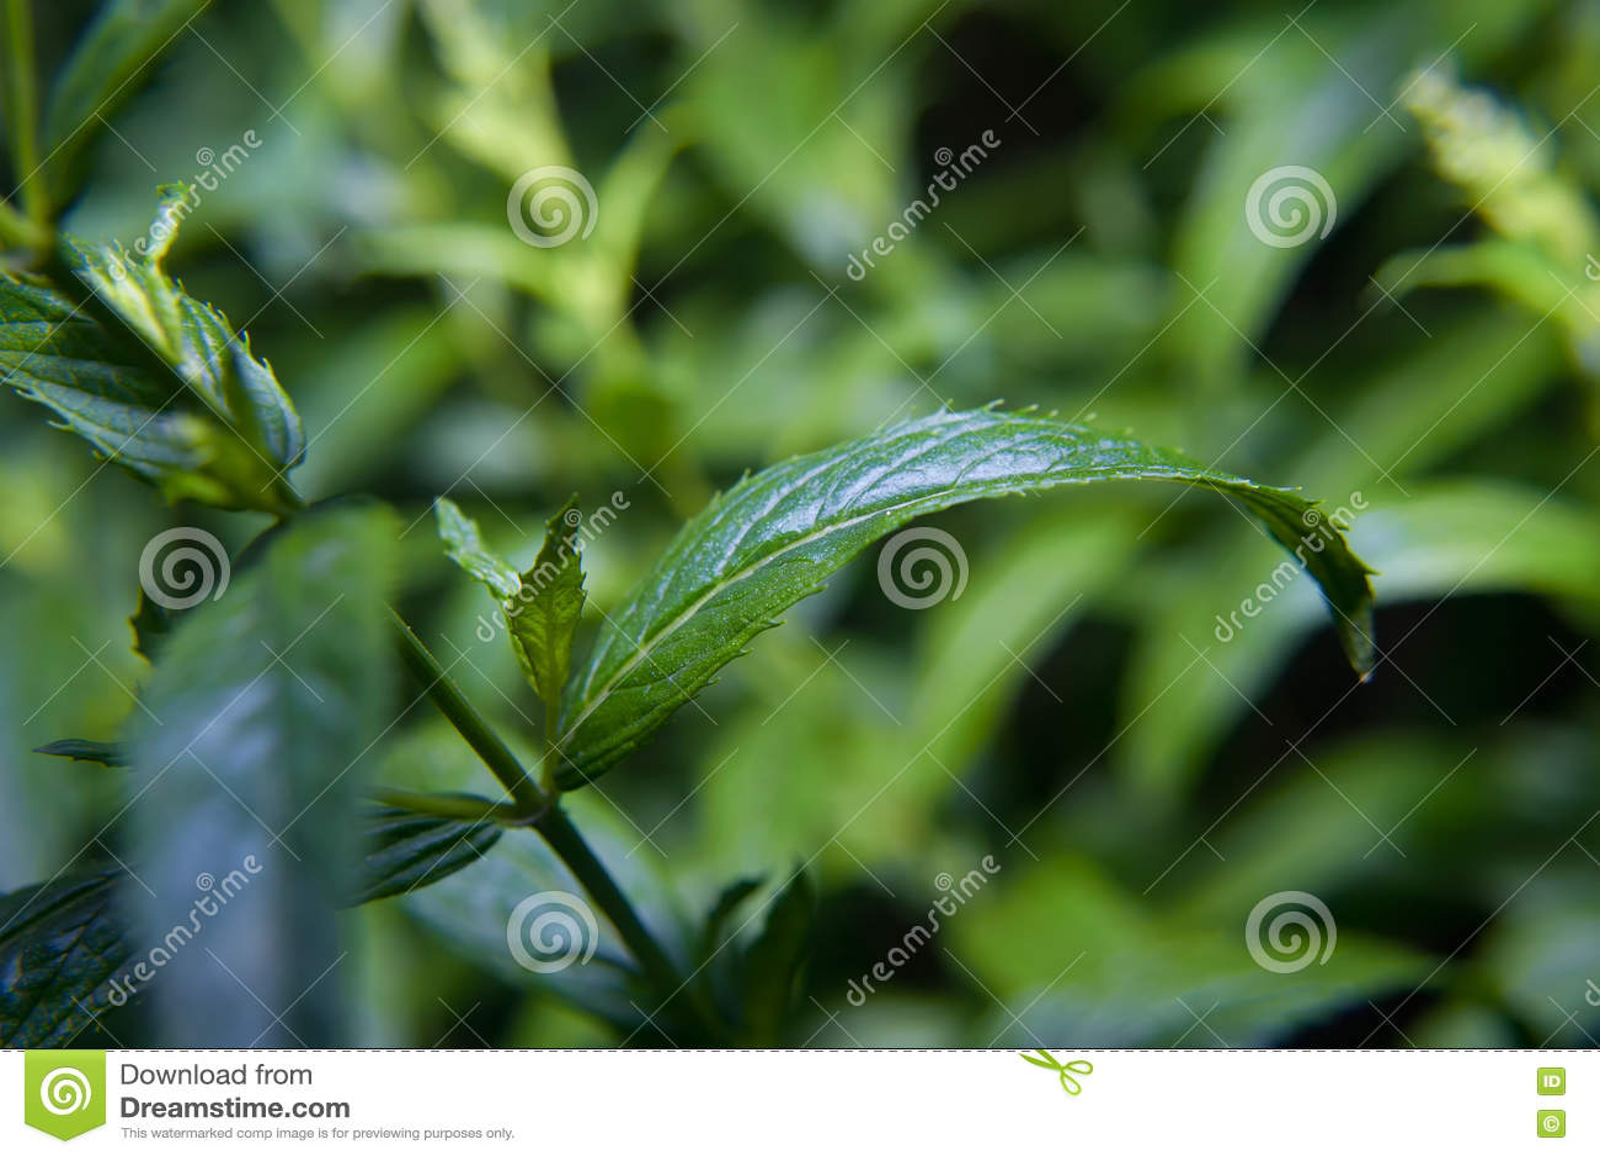 Folhas de hortelã da pimenta